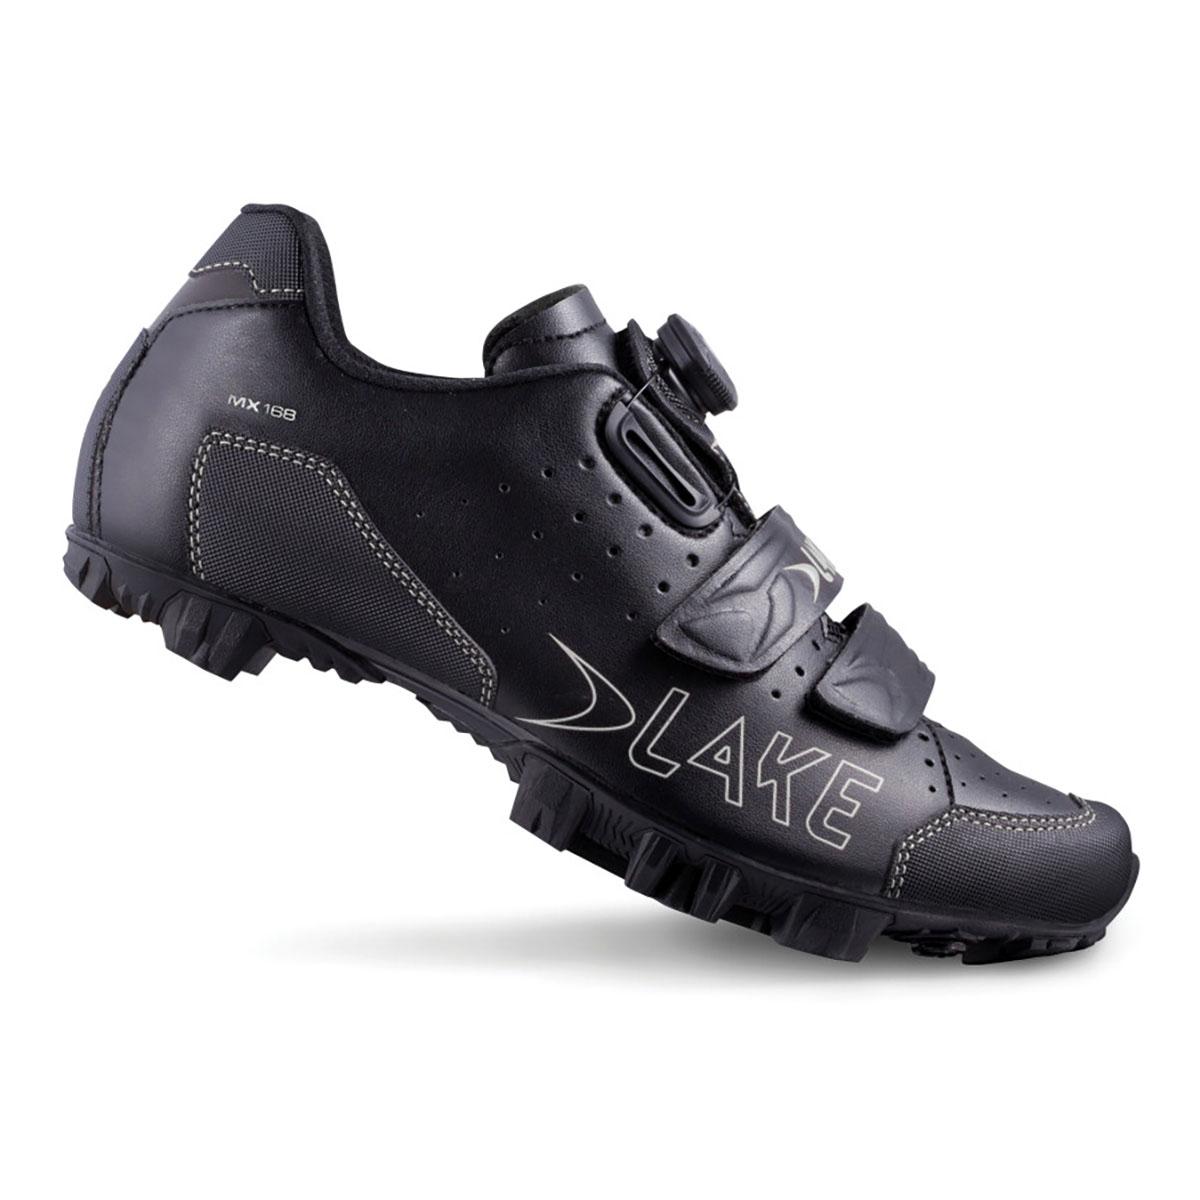 Lake Cycling 2017 Men's MX168 Mountain Cycling Shoes - Black/Silver